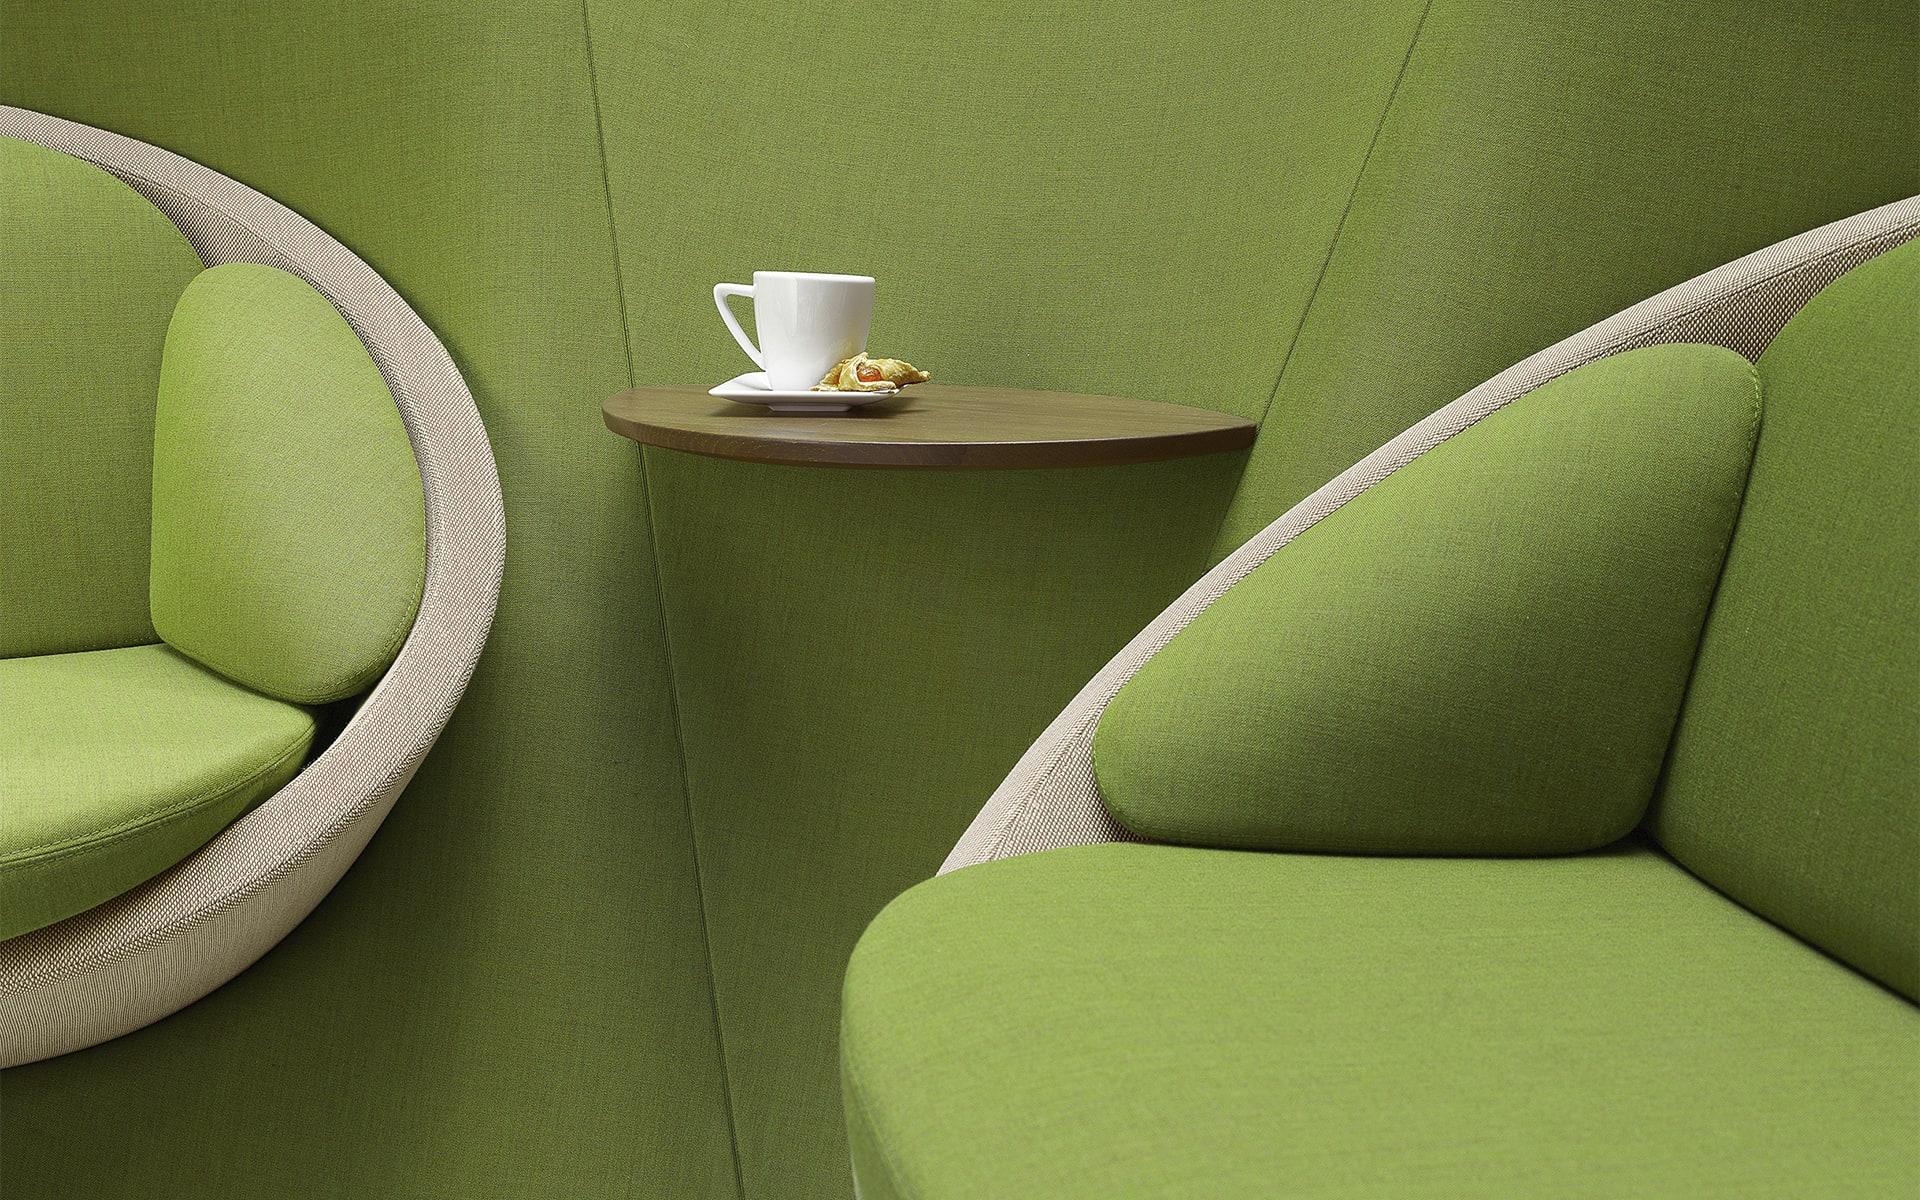 Nahaufnahme des Profim Wyspa Lounge Sitzsystems von ITO Design in grün mit integrierter Ablage